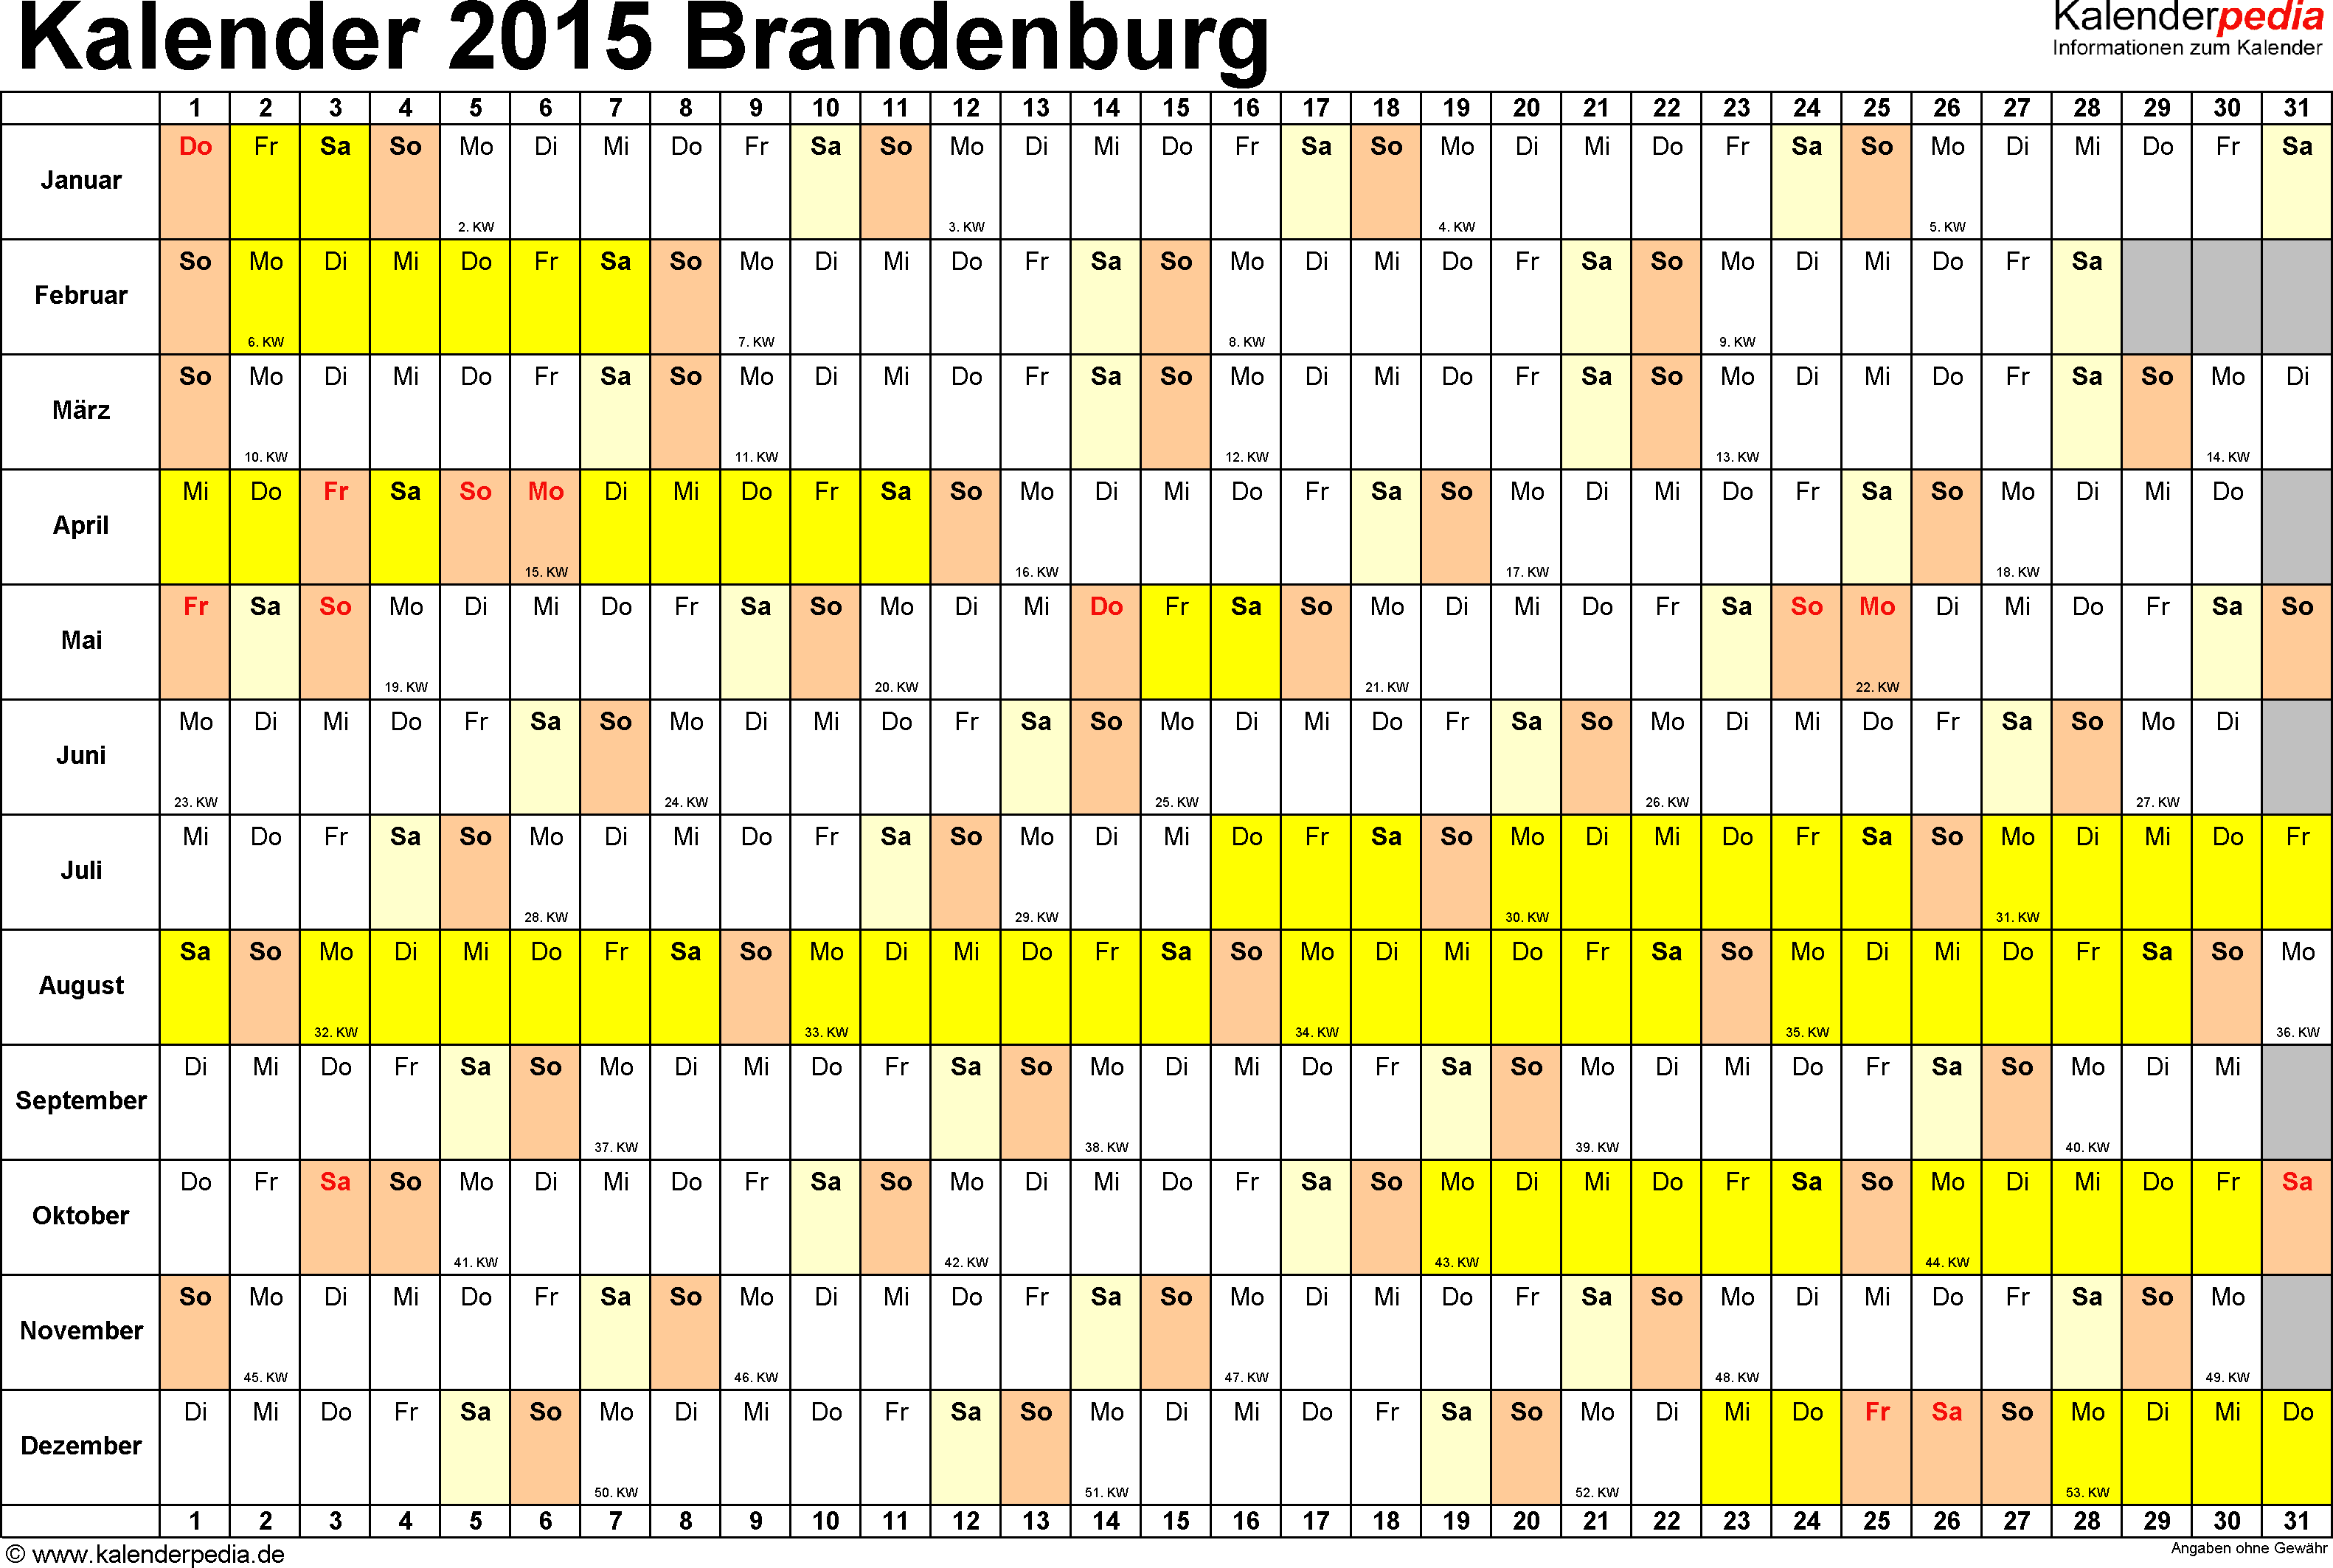 Vorlage 2: Kalender Brandenburg 2015 im Querformat, Tage nebeneinander